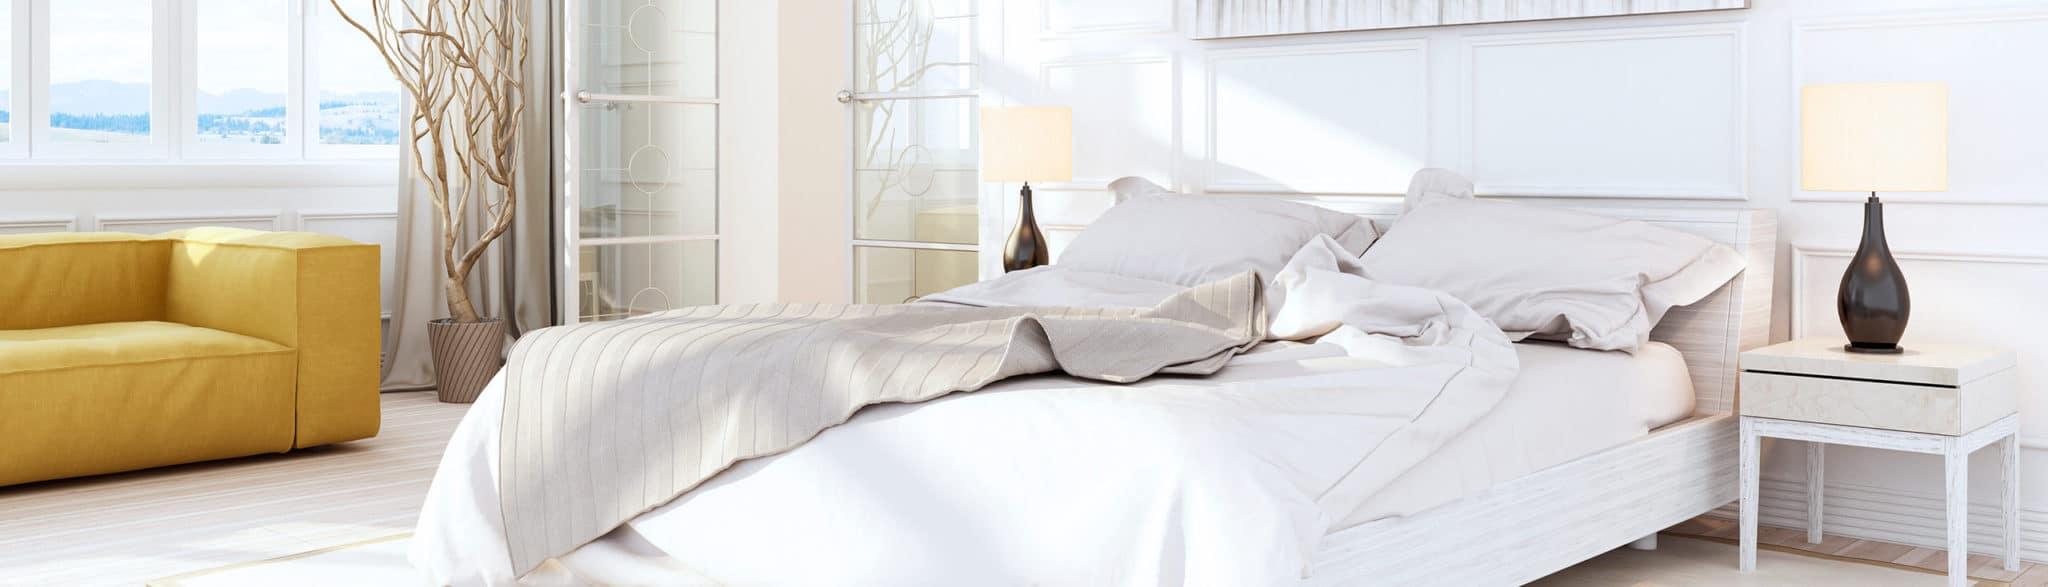 Dormitorio blanco con sofá - muebles de hogar en Madrid